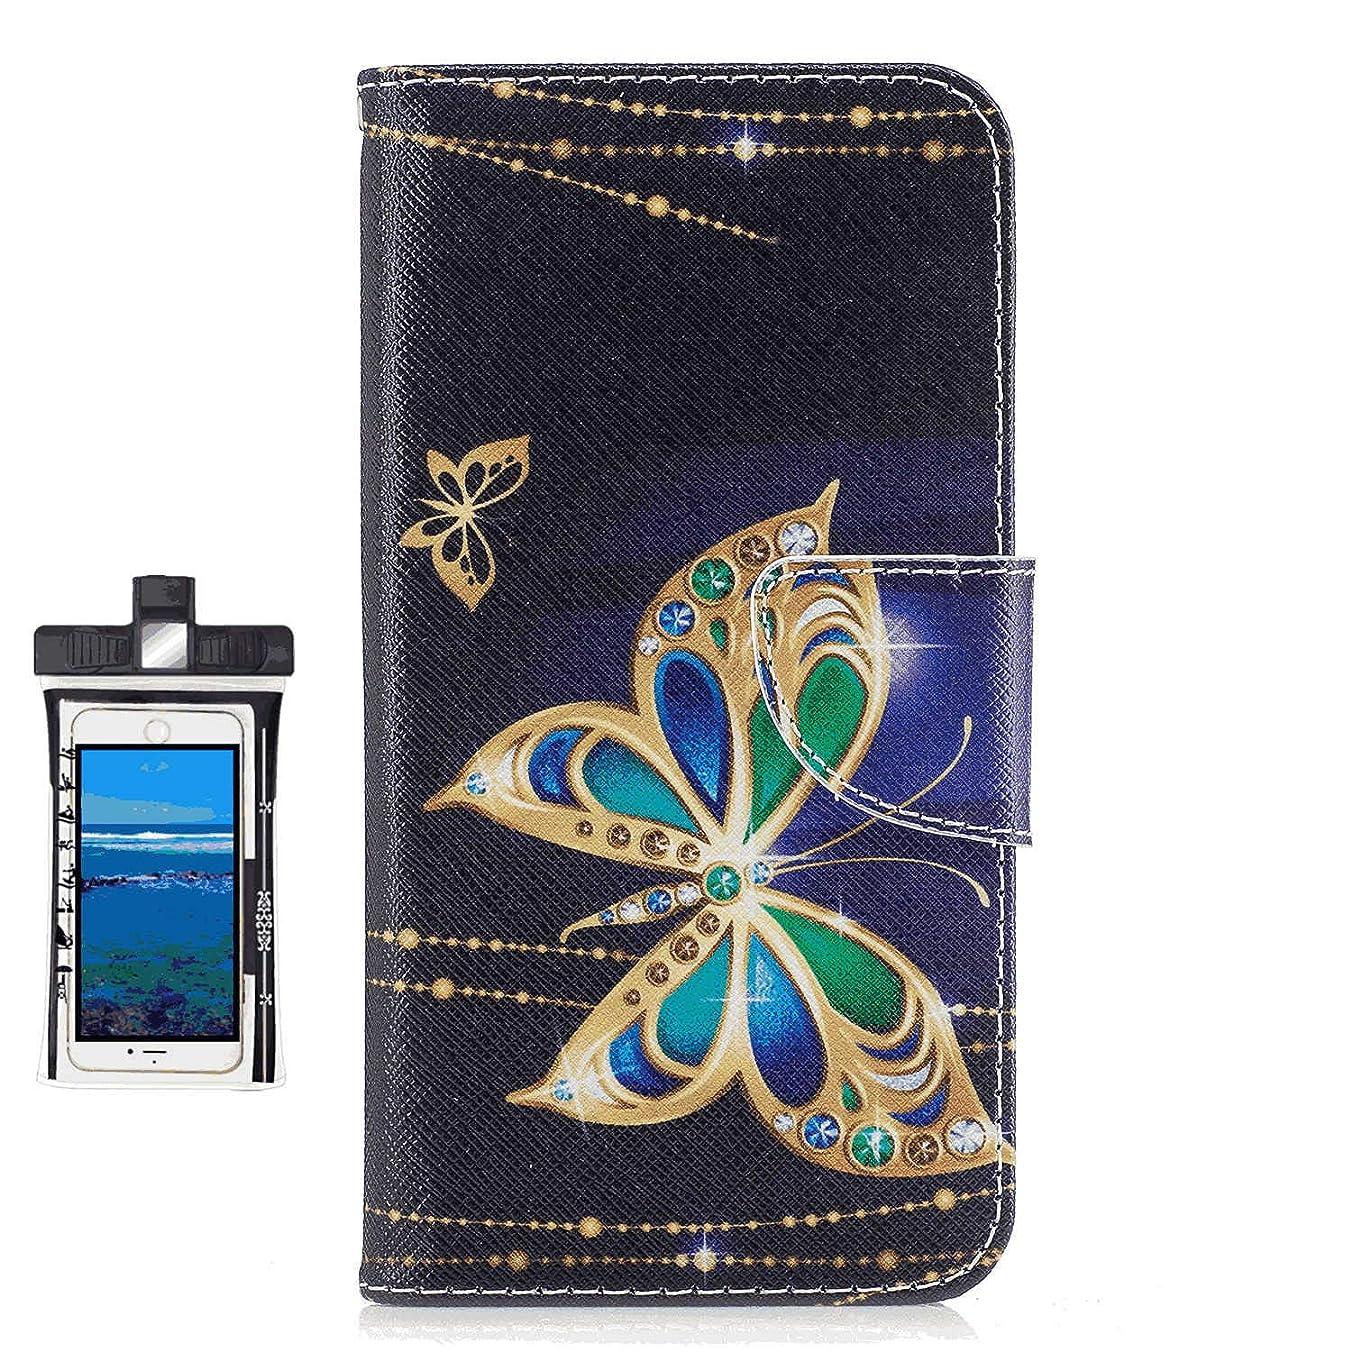 福祉多分起きてSamsung Galaxy ノート Note 9 レザー ケース, 手帳型 サムスン ギャラクシー ノート Note 9 本革 全面保護 ビジネス スマートフォンケース 財布 カバー収納 無料付スマホ防水ポーチIPX8 Holistic